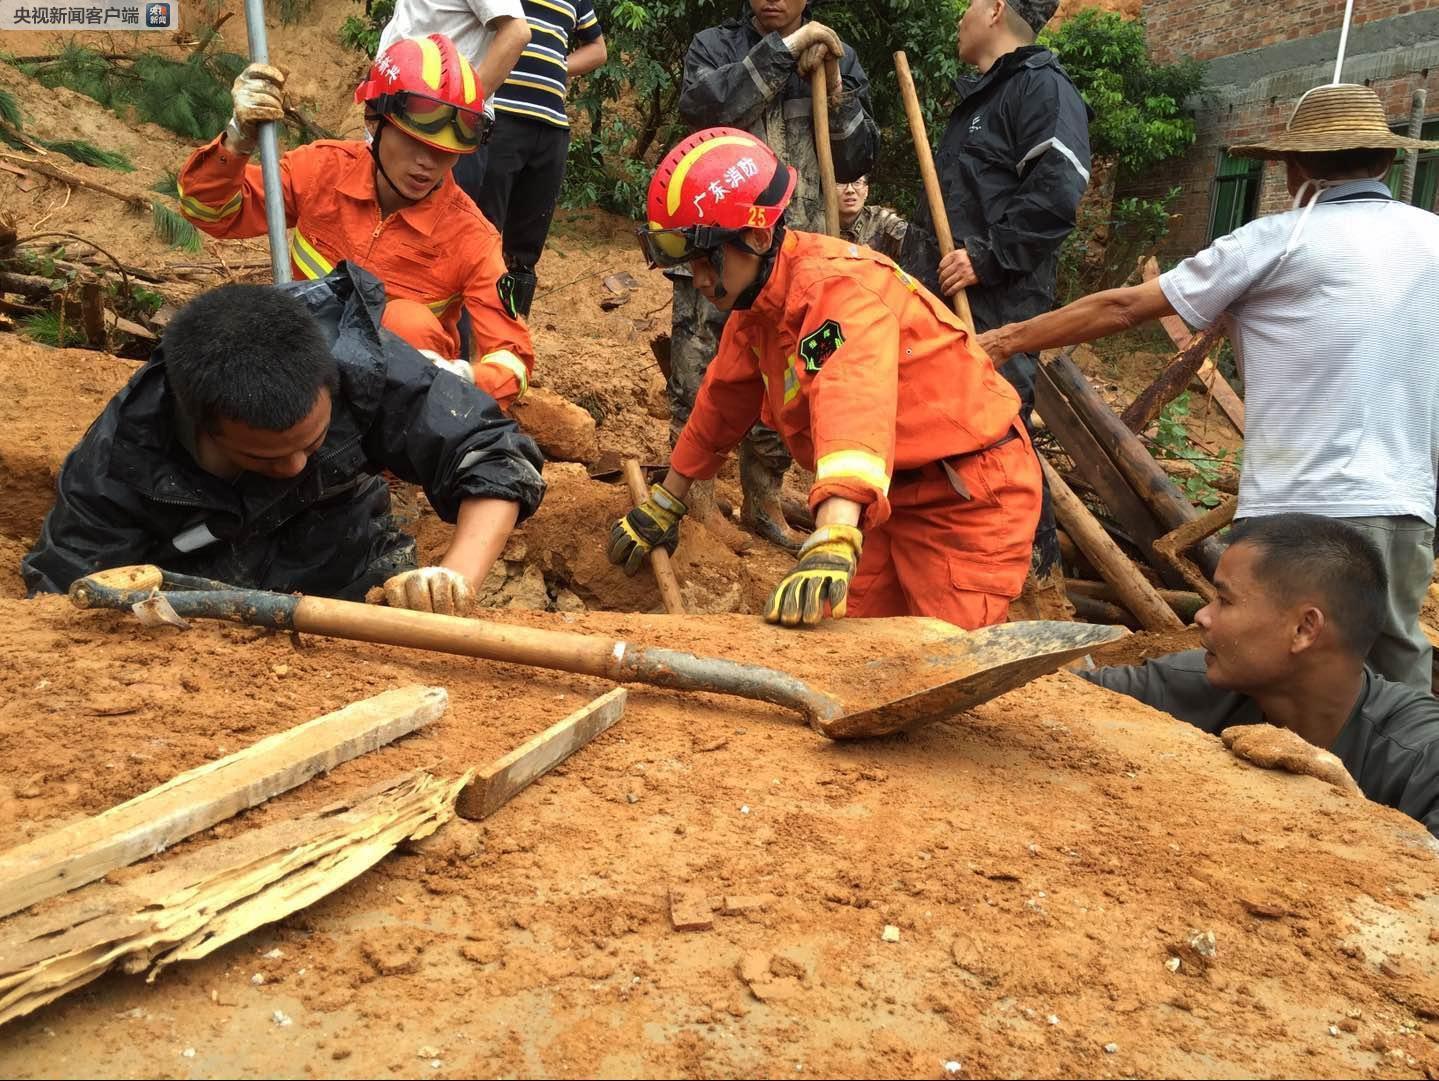 重庆时时彩稳赚计划:广东云浮发生山体滑坡_已致5人死亡